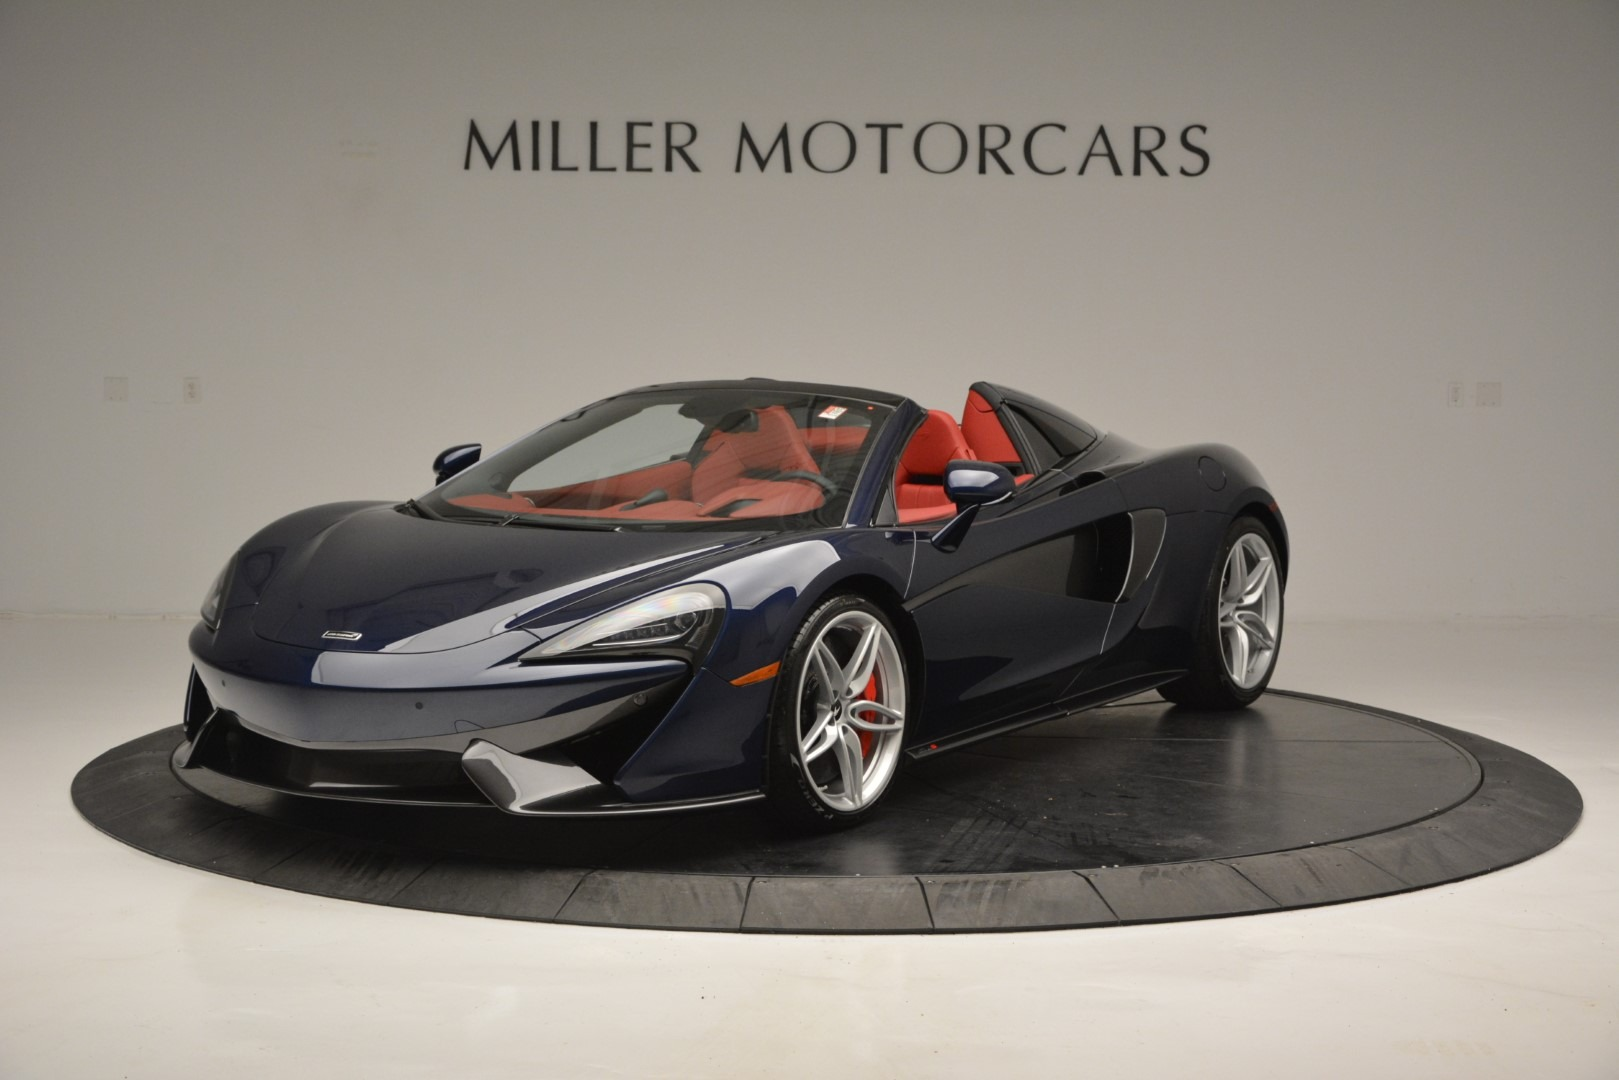 New 2019 McLaren 570S Spider Convertible For Sale In Westport, CT 2727_p2